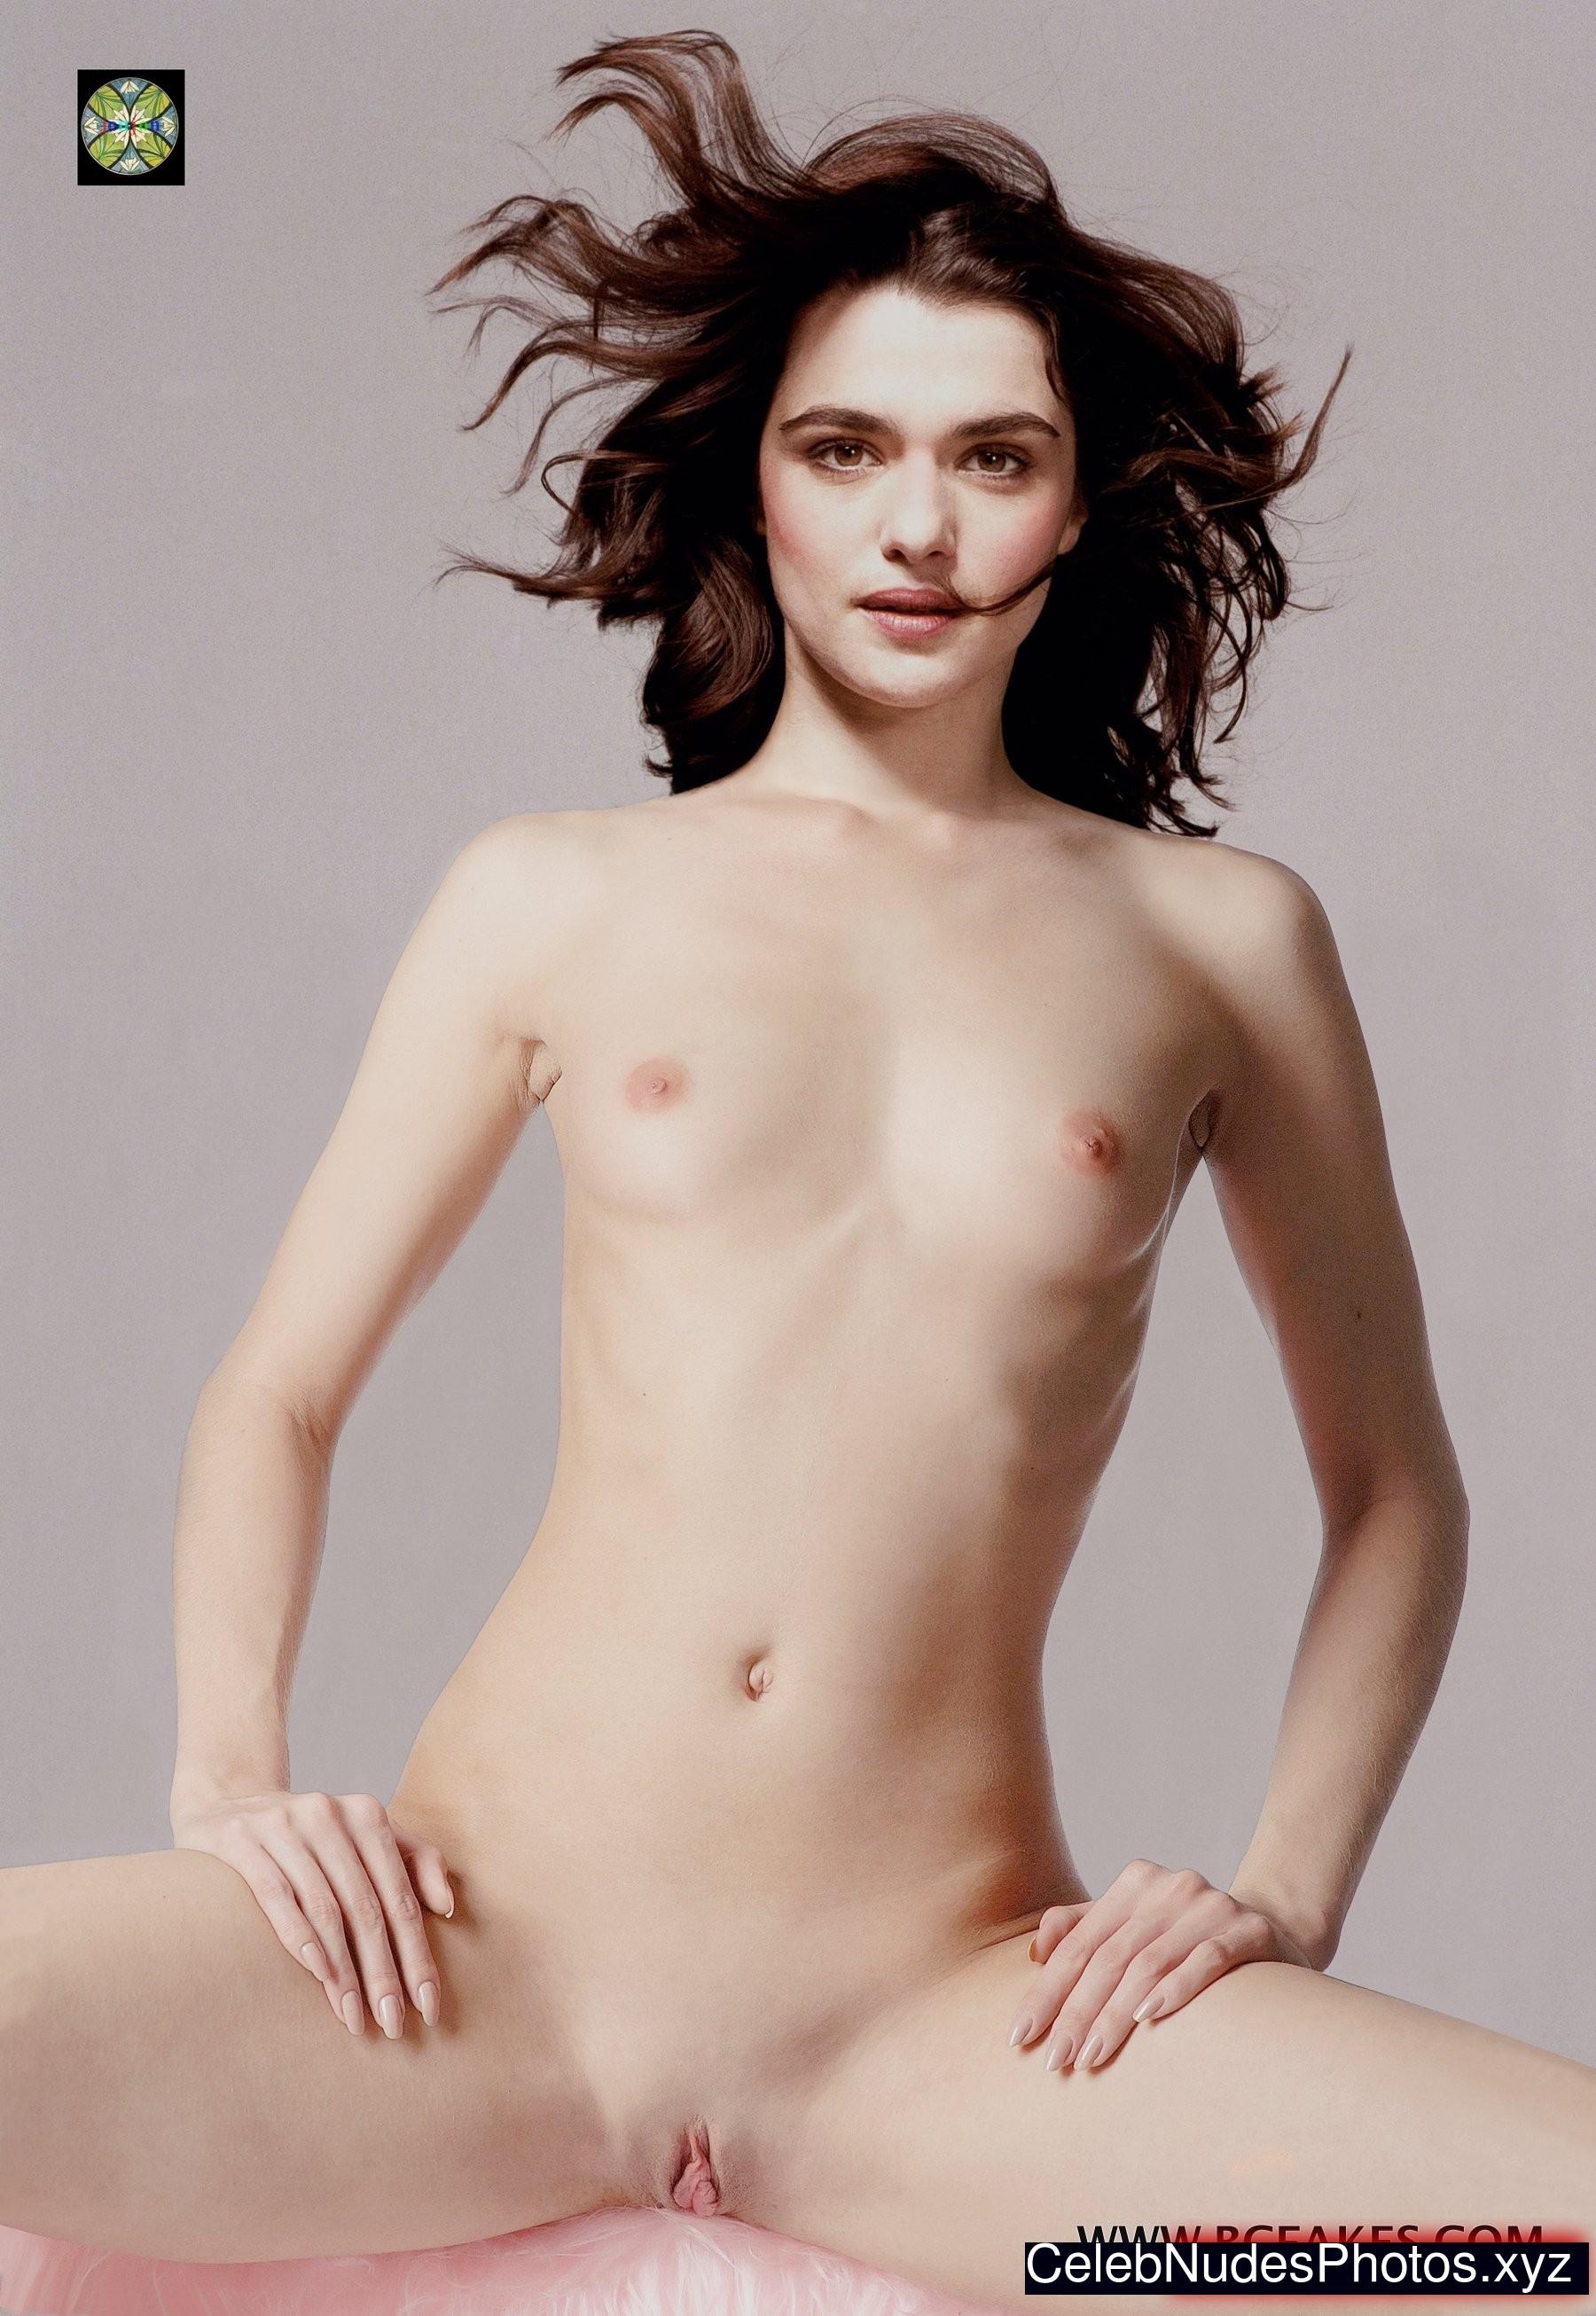 rachel weisz sexy nude